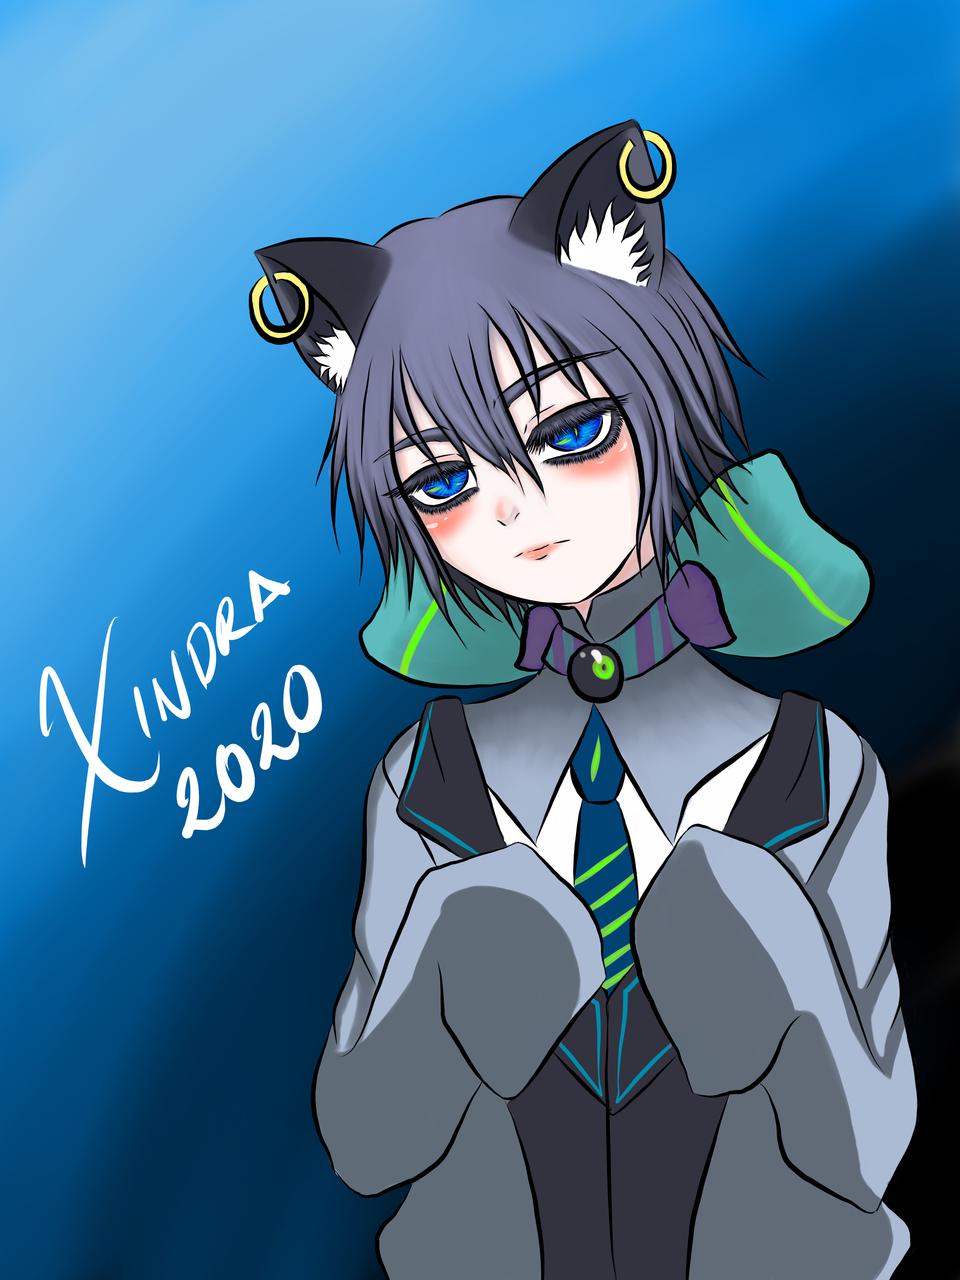 Neko-Boy Illust of XinSan Nekoboy cat_ears Neko-boy medibangpaint